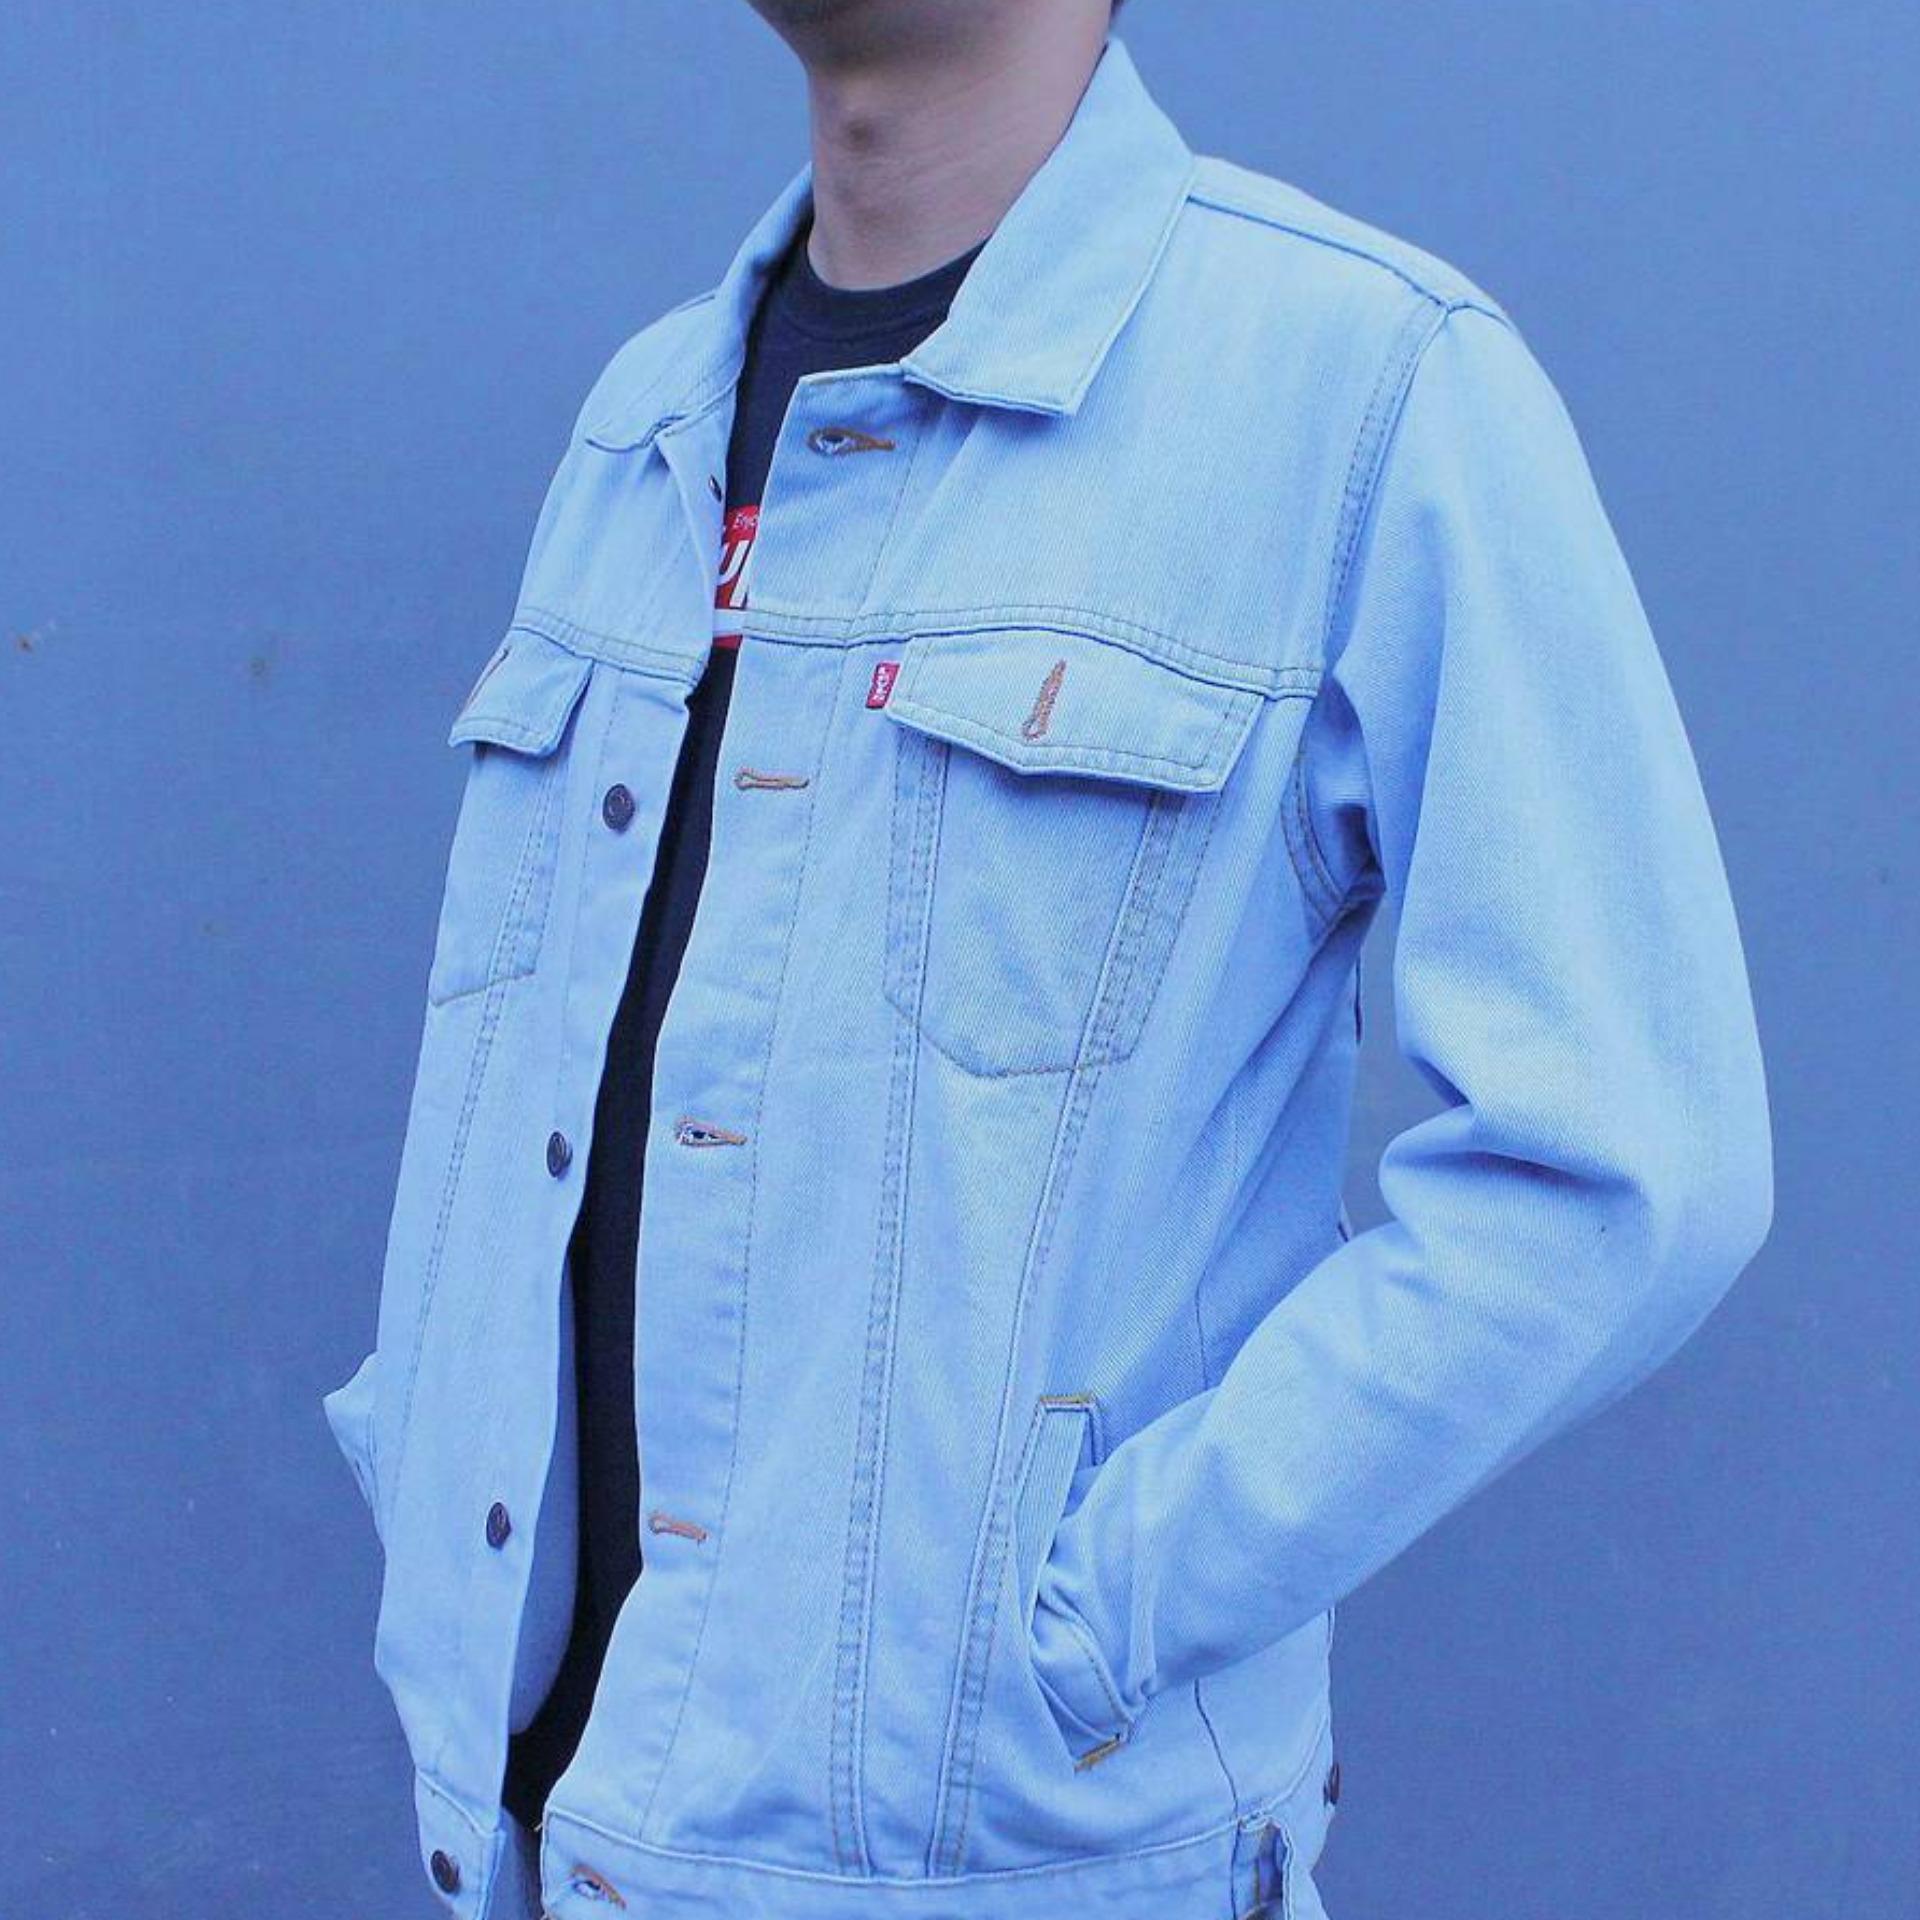 Ahf Jaket Jeans Denim Pria Biru Muda Bioblitz - Review Harga Terkini ... b136f63966